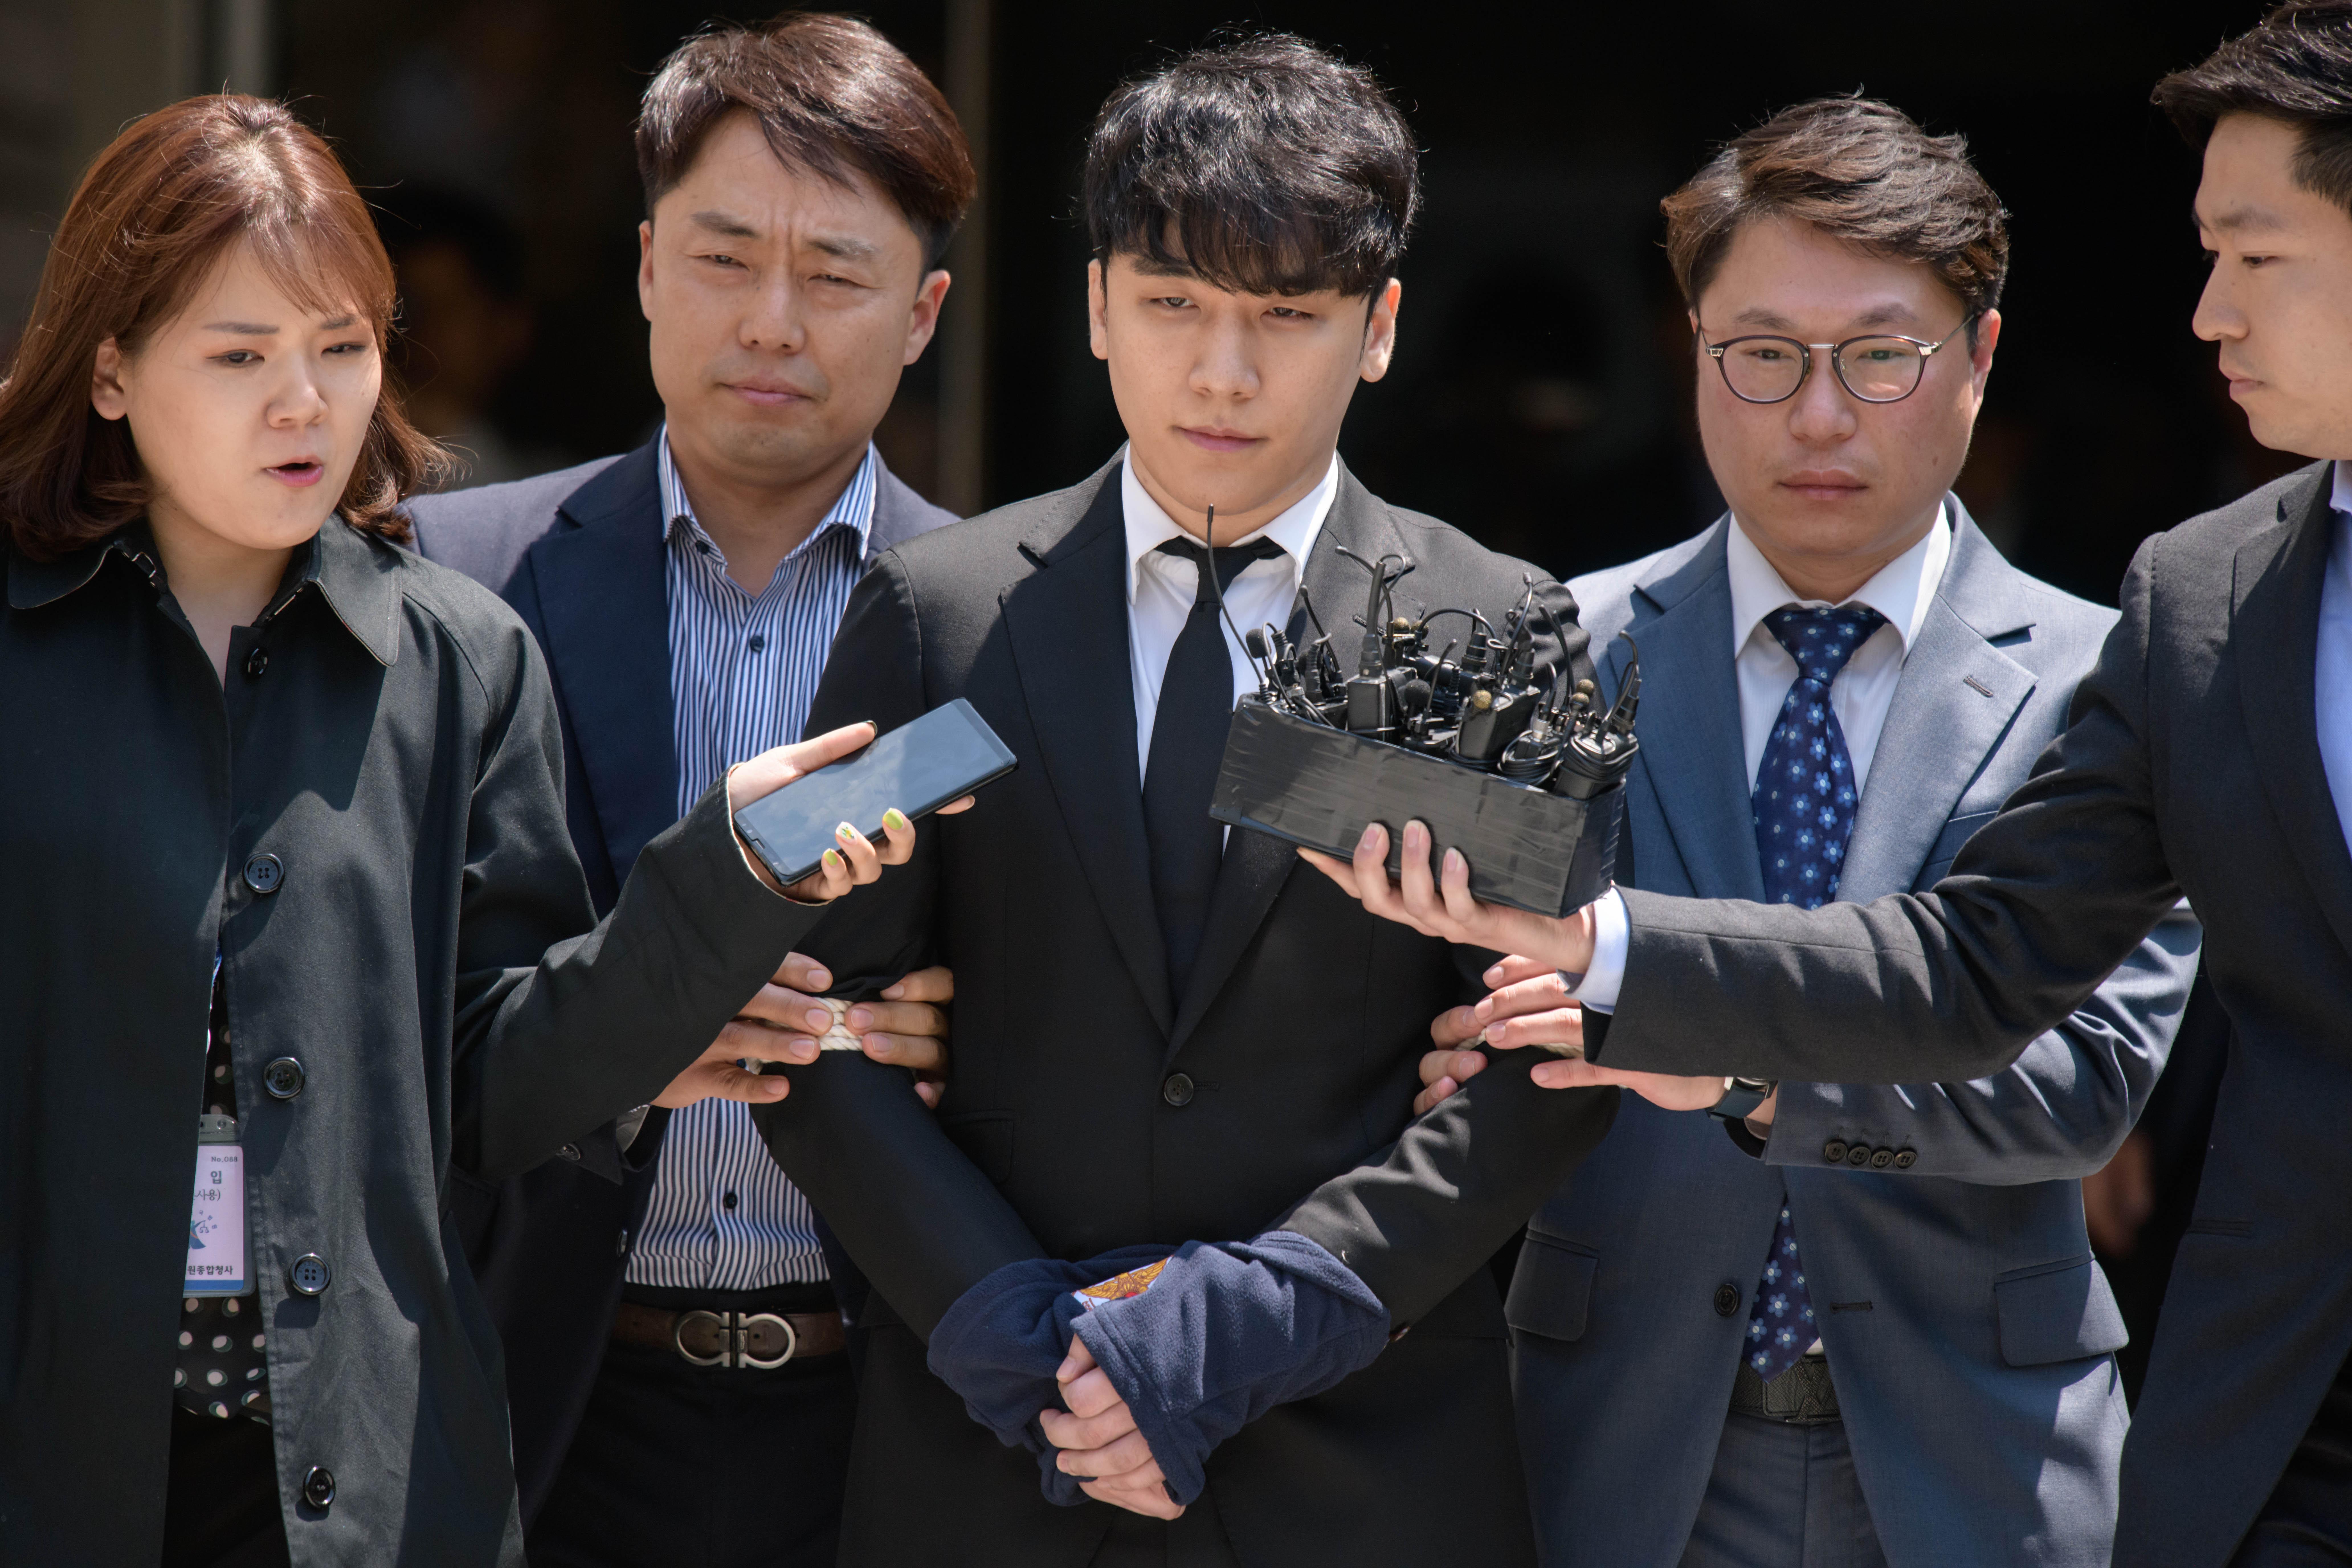 """""""Remélem, mindannyian meghalnak"""" - Tömegével drogozott be és erőszakolt meg nőket a dél-koreai elit"""